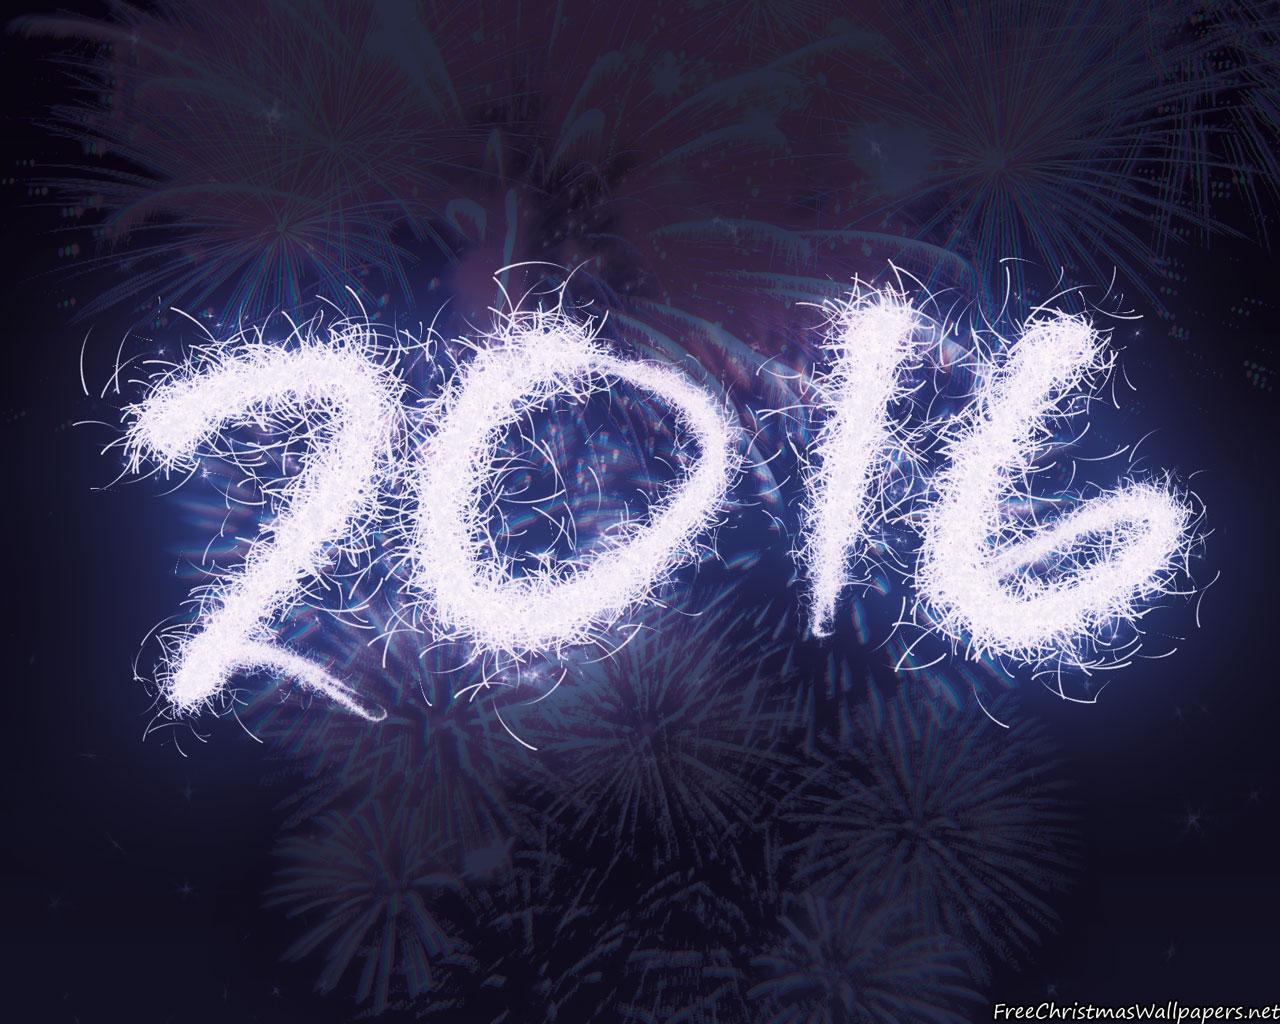 Happy New Year 2016 Pics HD Wallpaper 17421 Wallpaper computer 1280x1024